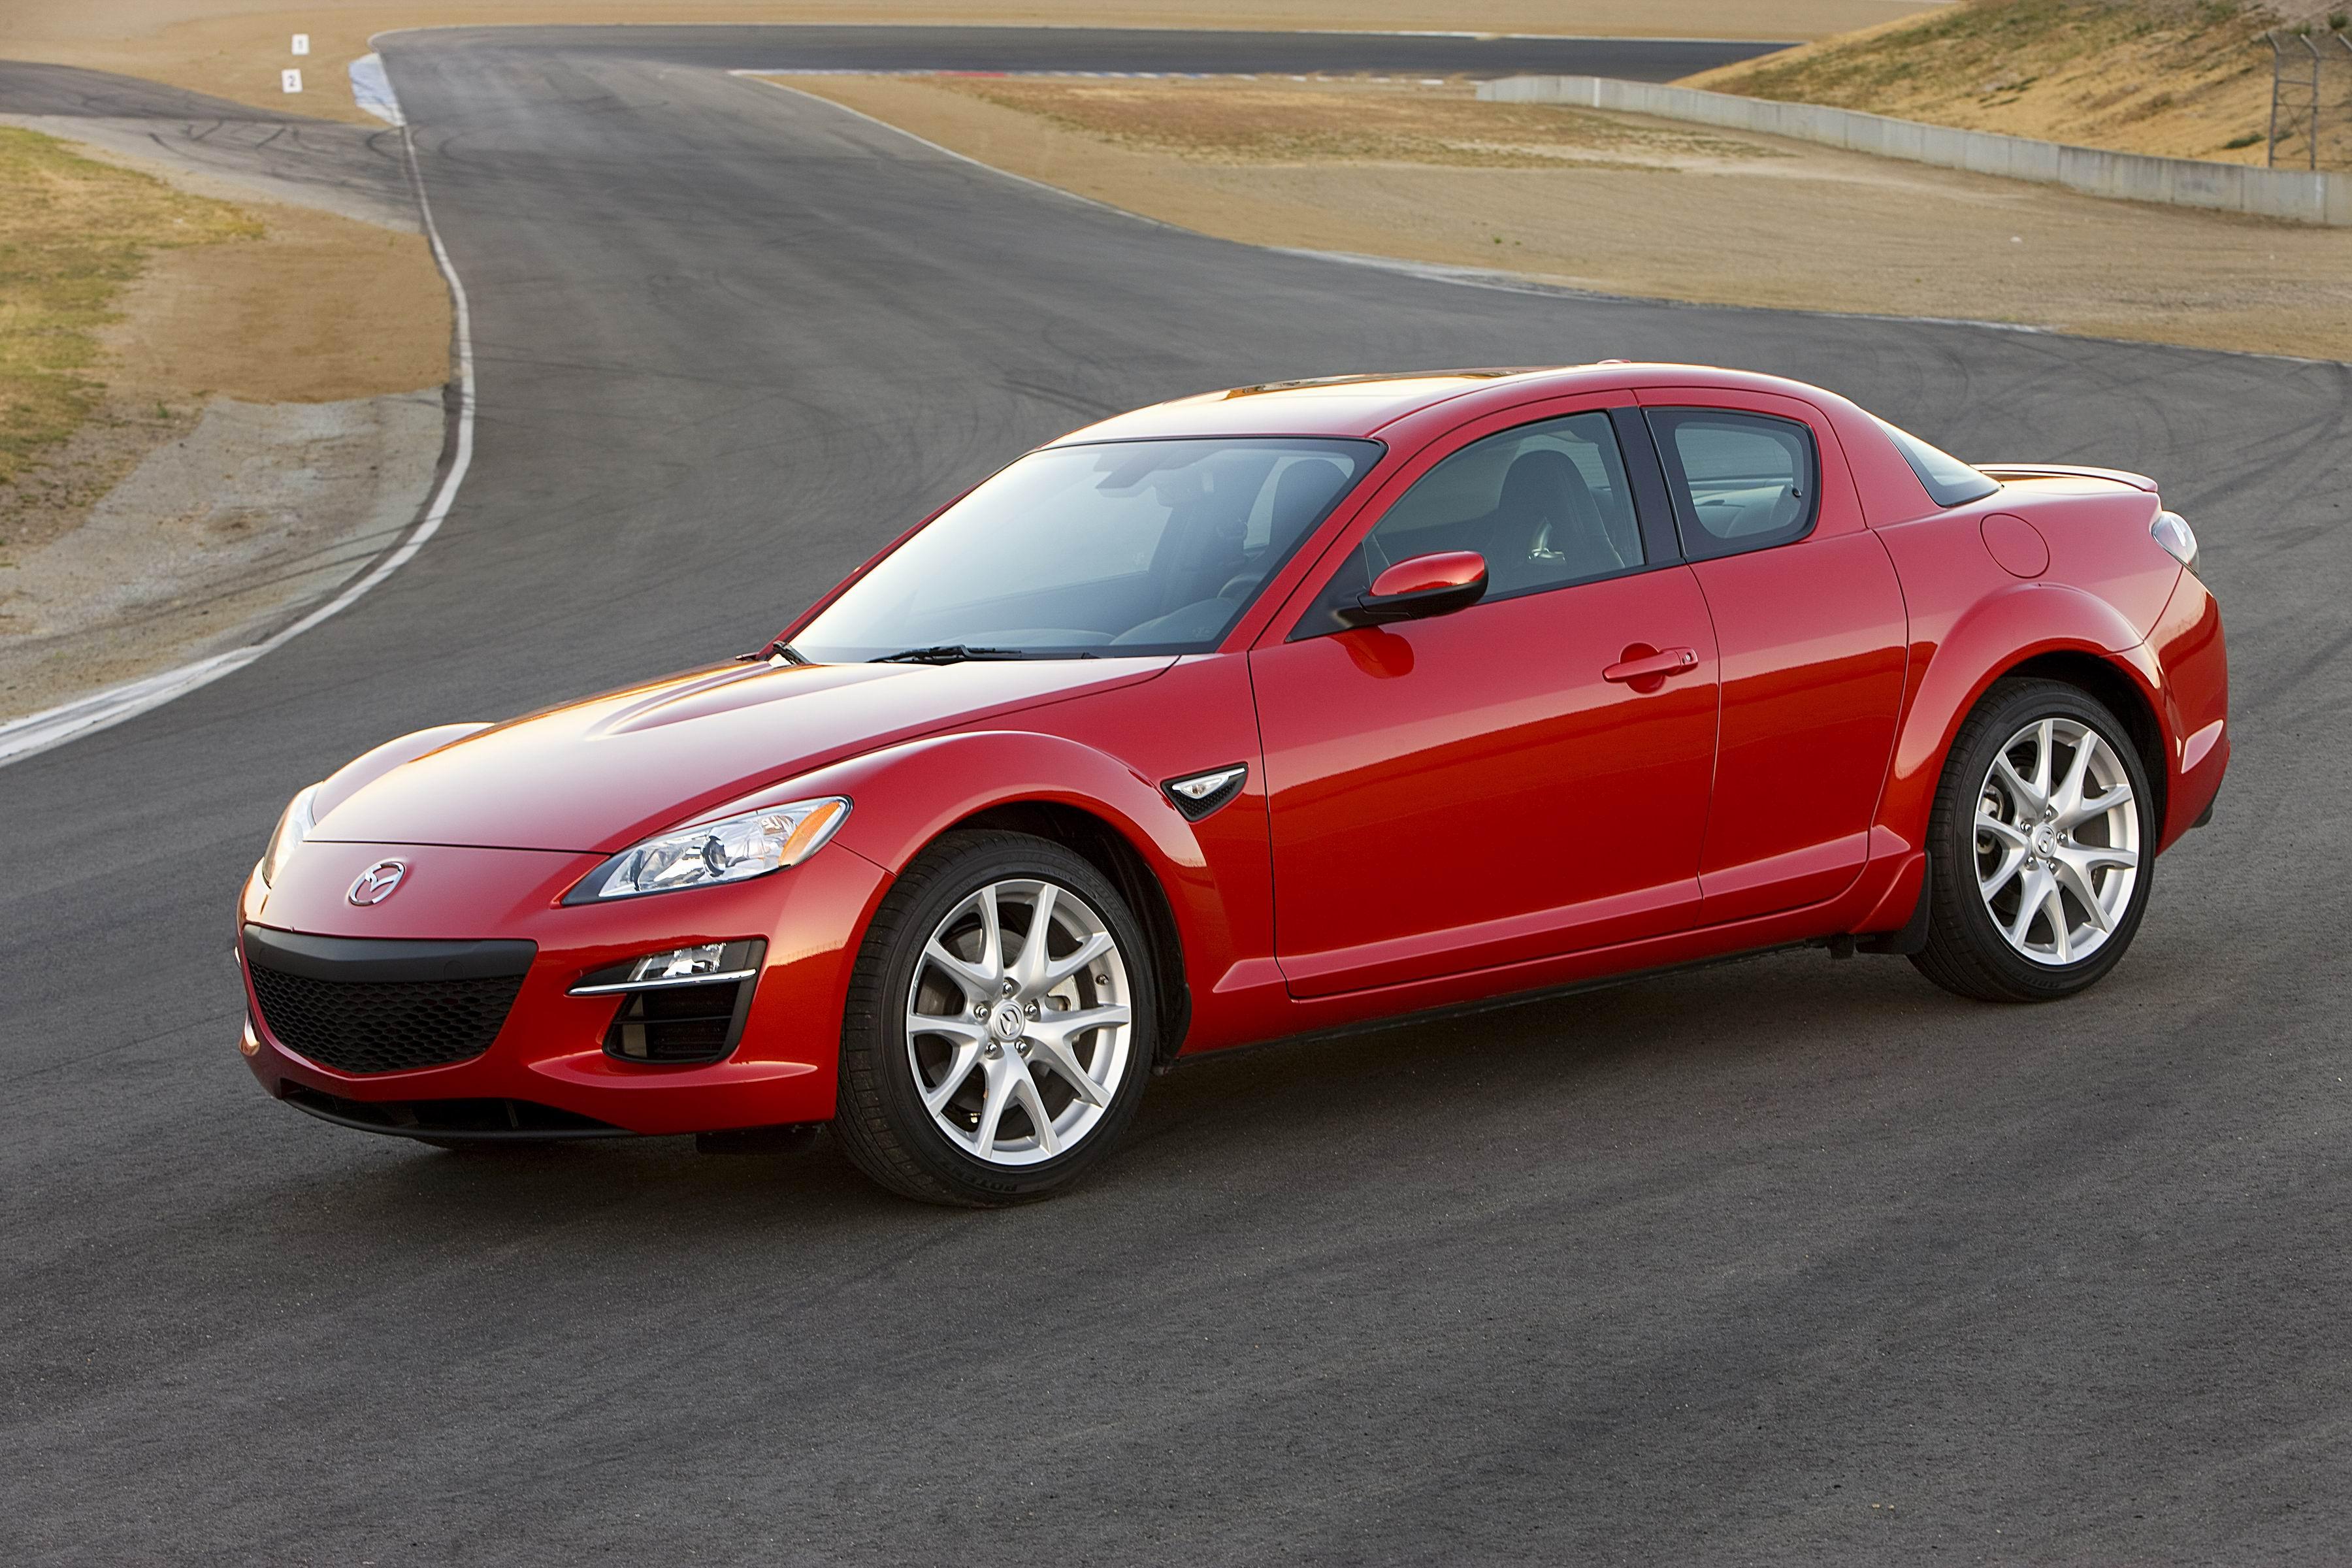 Модель rx-8 выпускалась с 2003 по 2011 год и оснащалась роторными двигателями мощностью